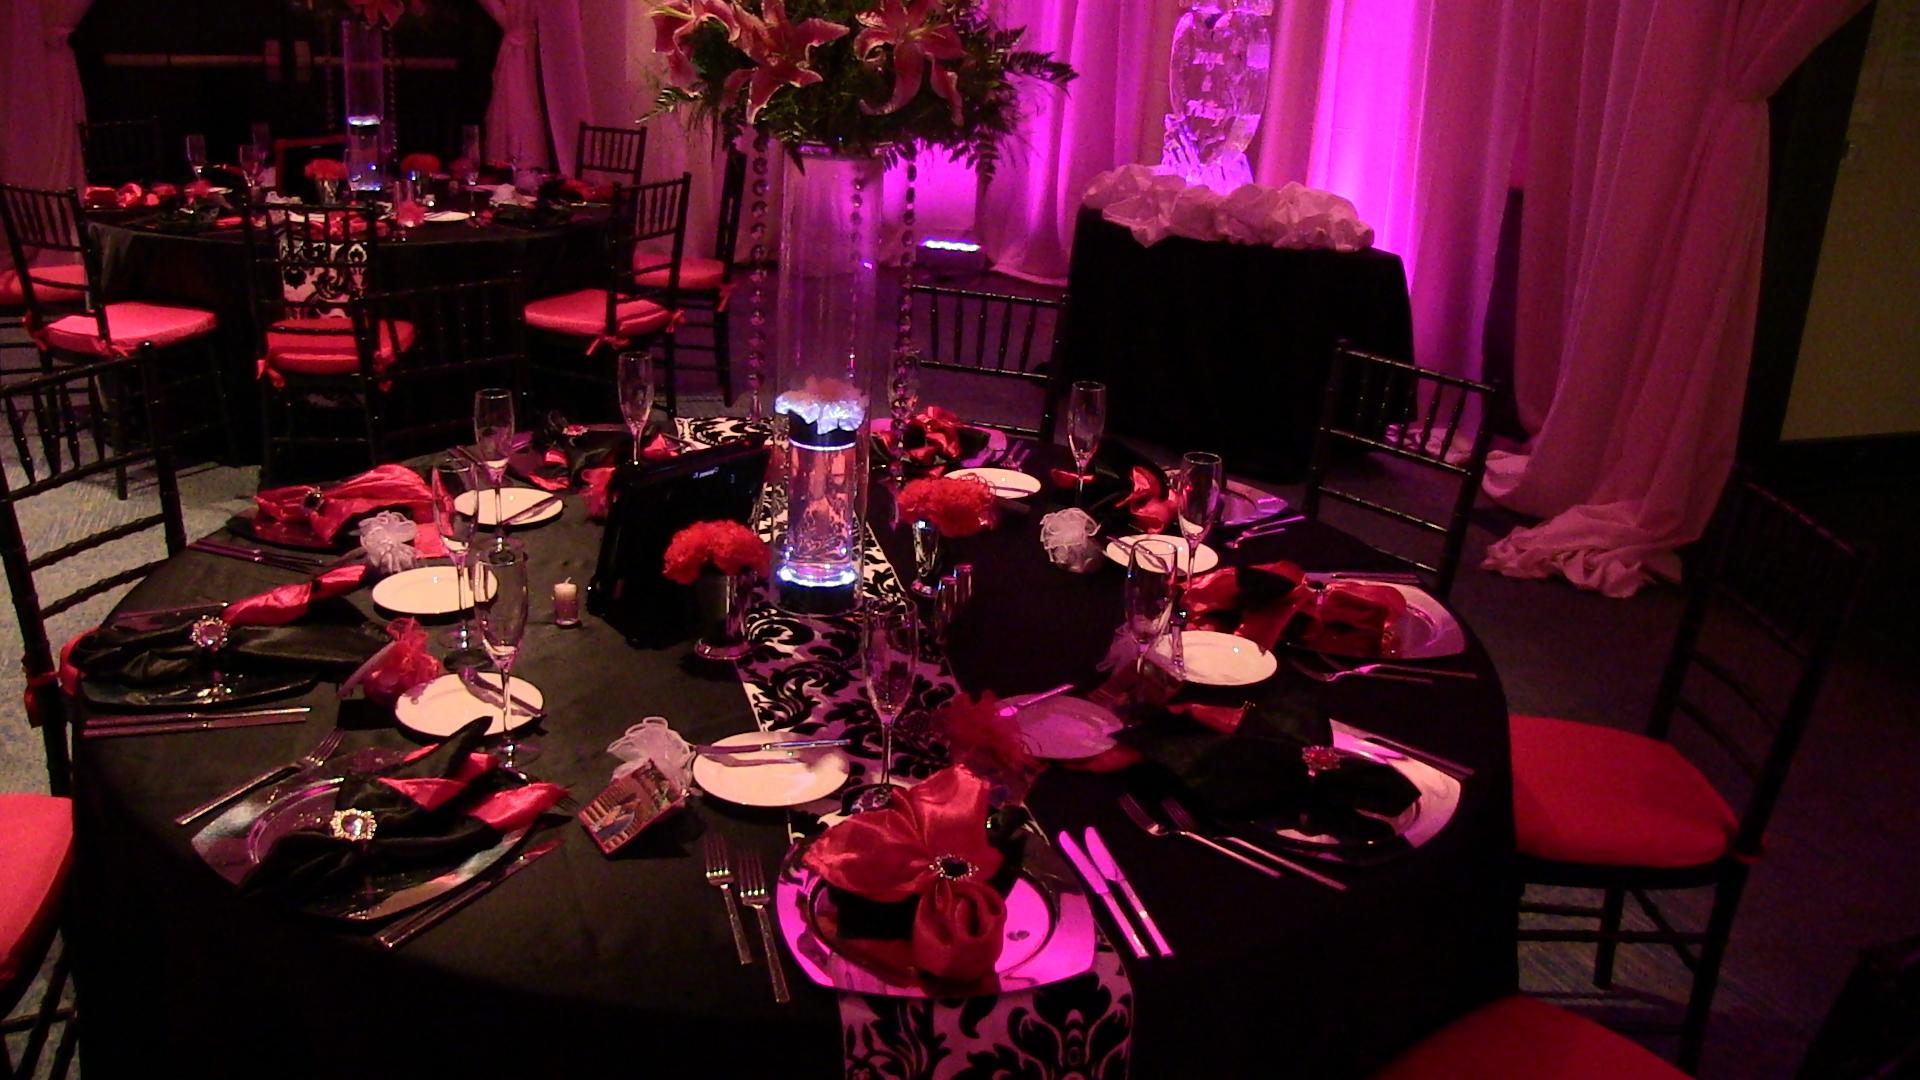 Boise Idaho Event Center and Wedding Venue  Aardvark